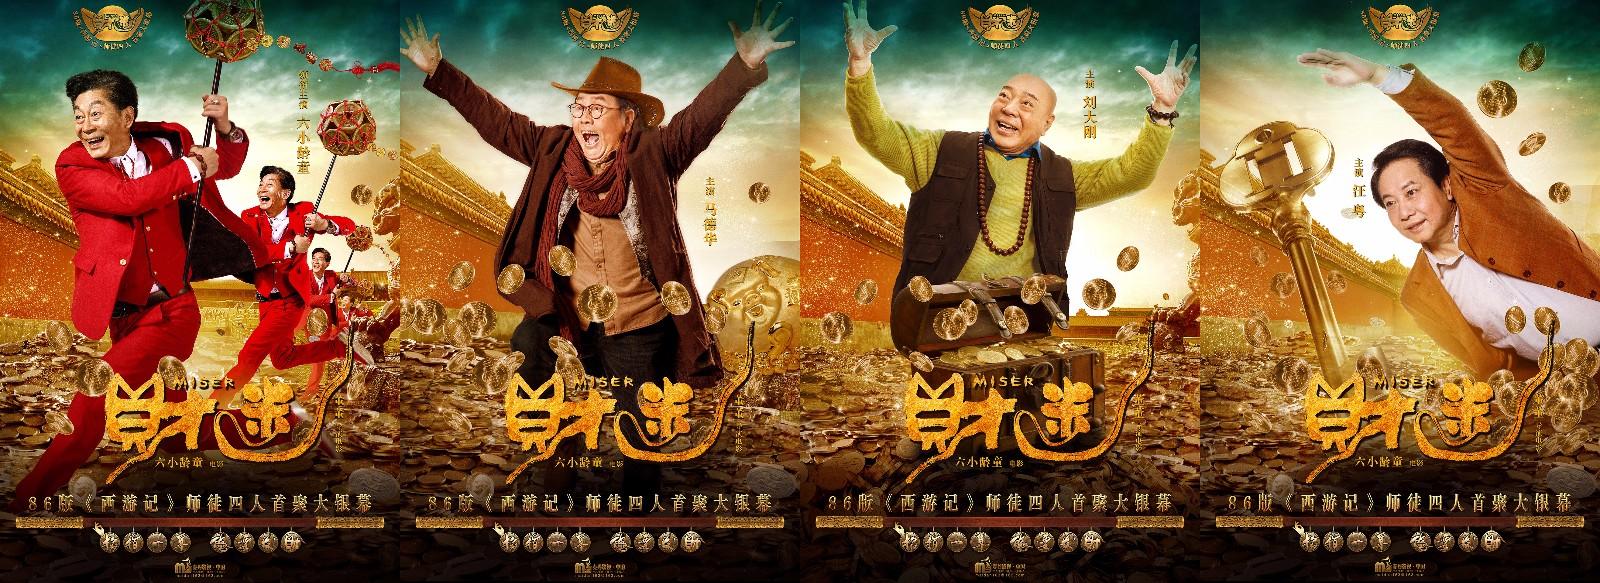 西游师徒四人首演喜剧 《财迷》3分钟预告曝青春未老